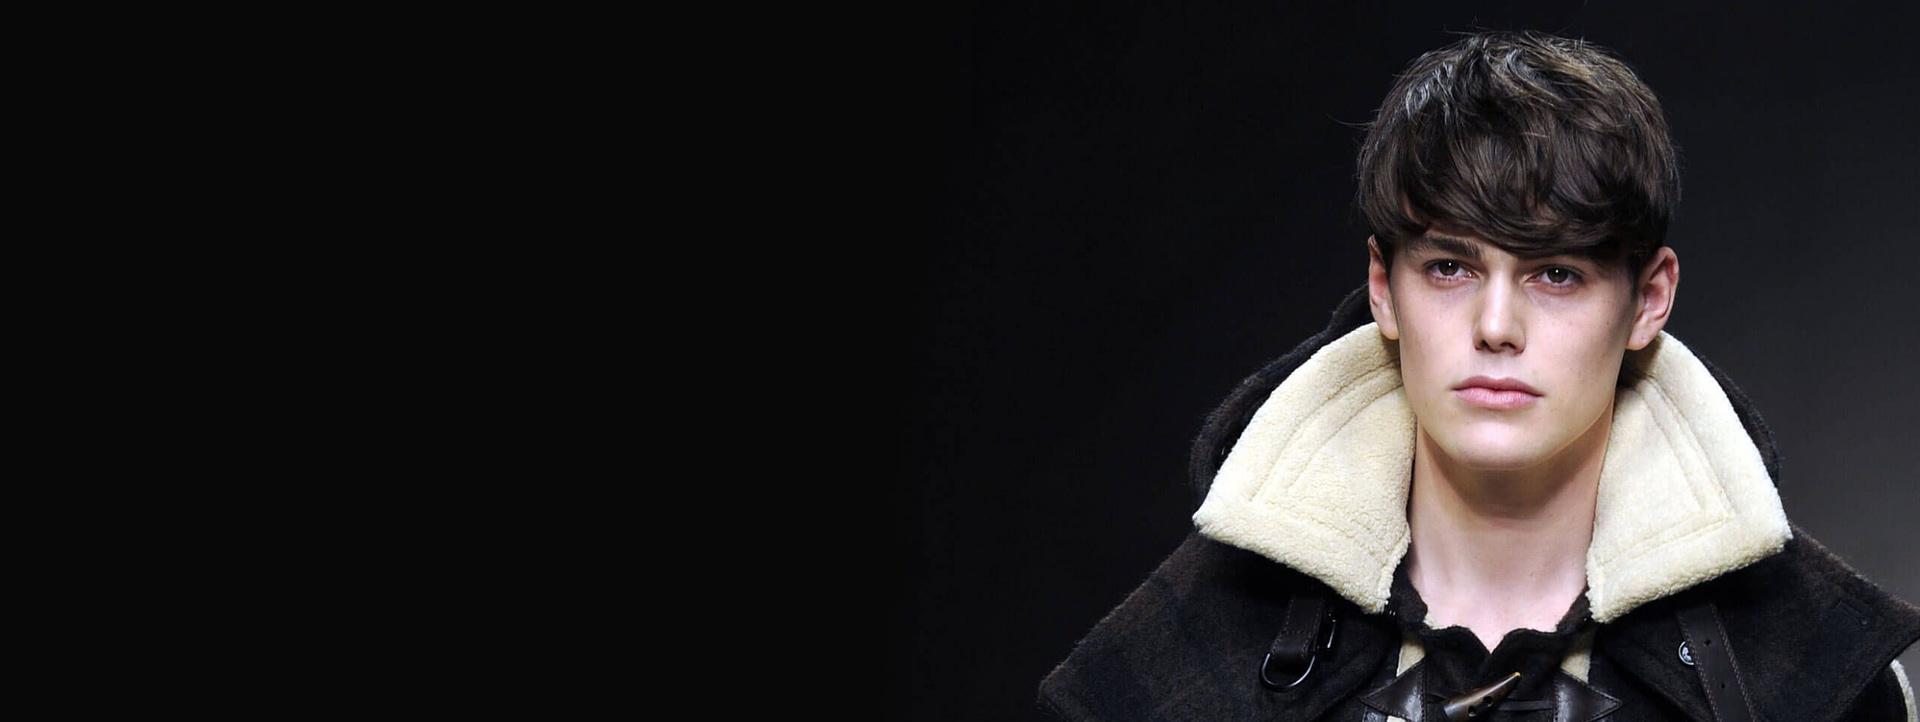 Schönheit Frisuren für Männer: Das kommt im Herbst und Winter - mode frisuren männer